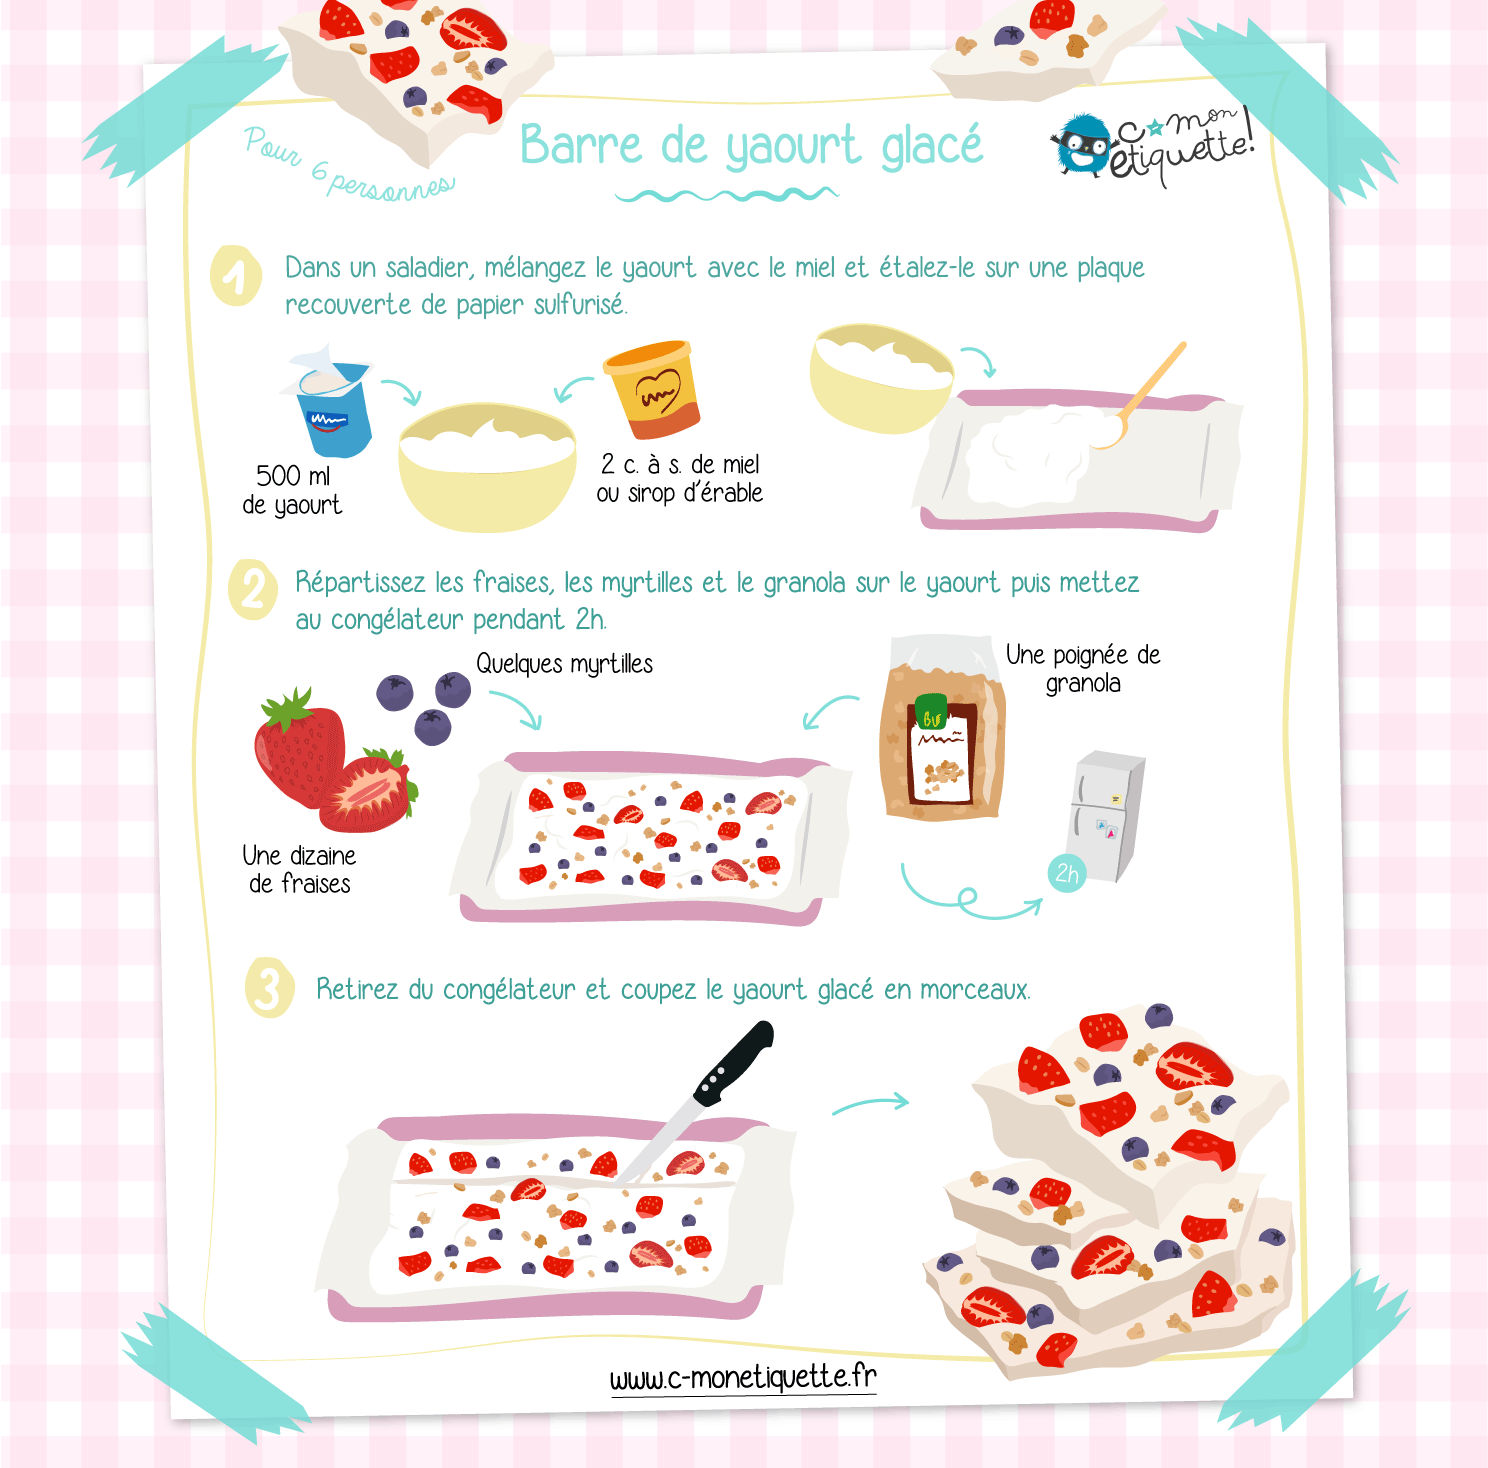 Recette facile barre yaourt glacé